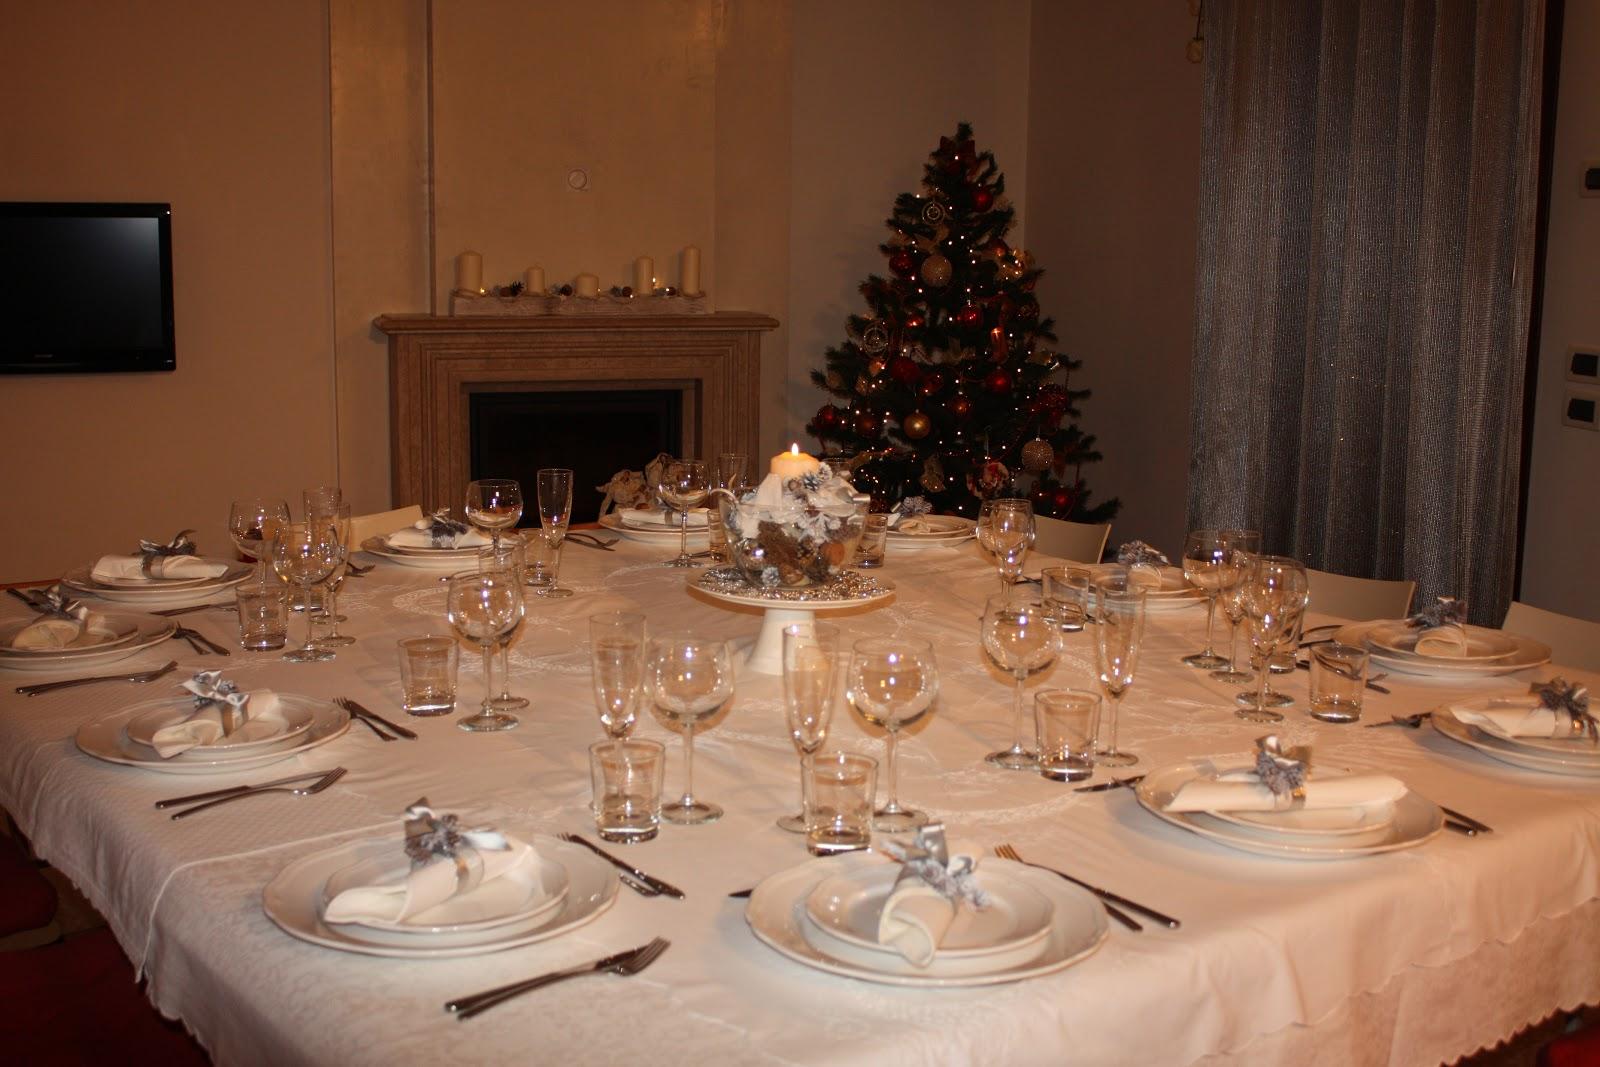 Ale 39 s cos fatto tavola di natale - Addobbi natalizi sulla tavola ...